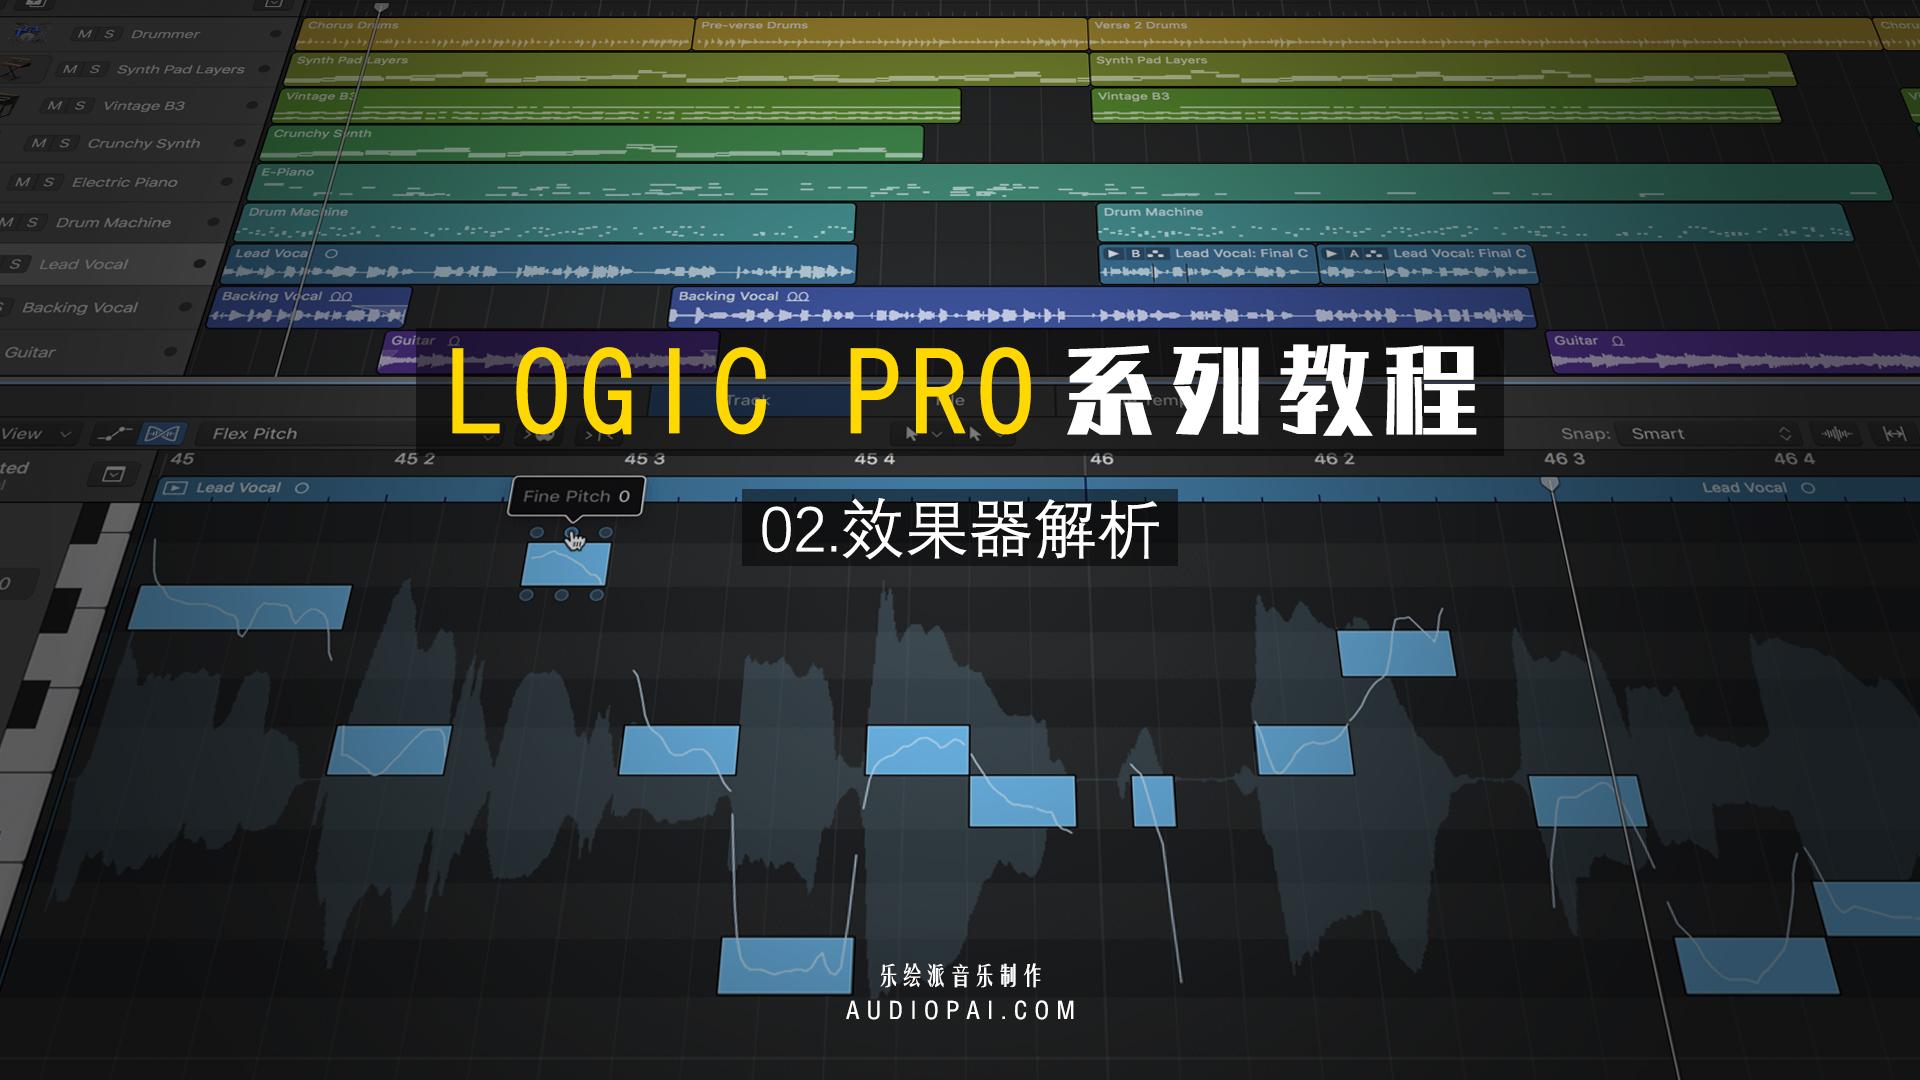 LOGIC PRO音频后期混音教程[02]原厂效果器解析